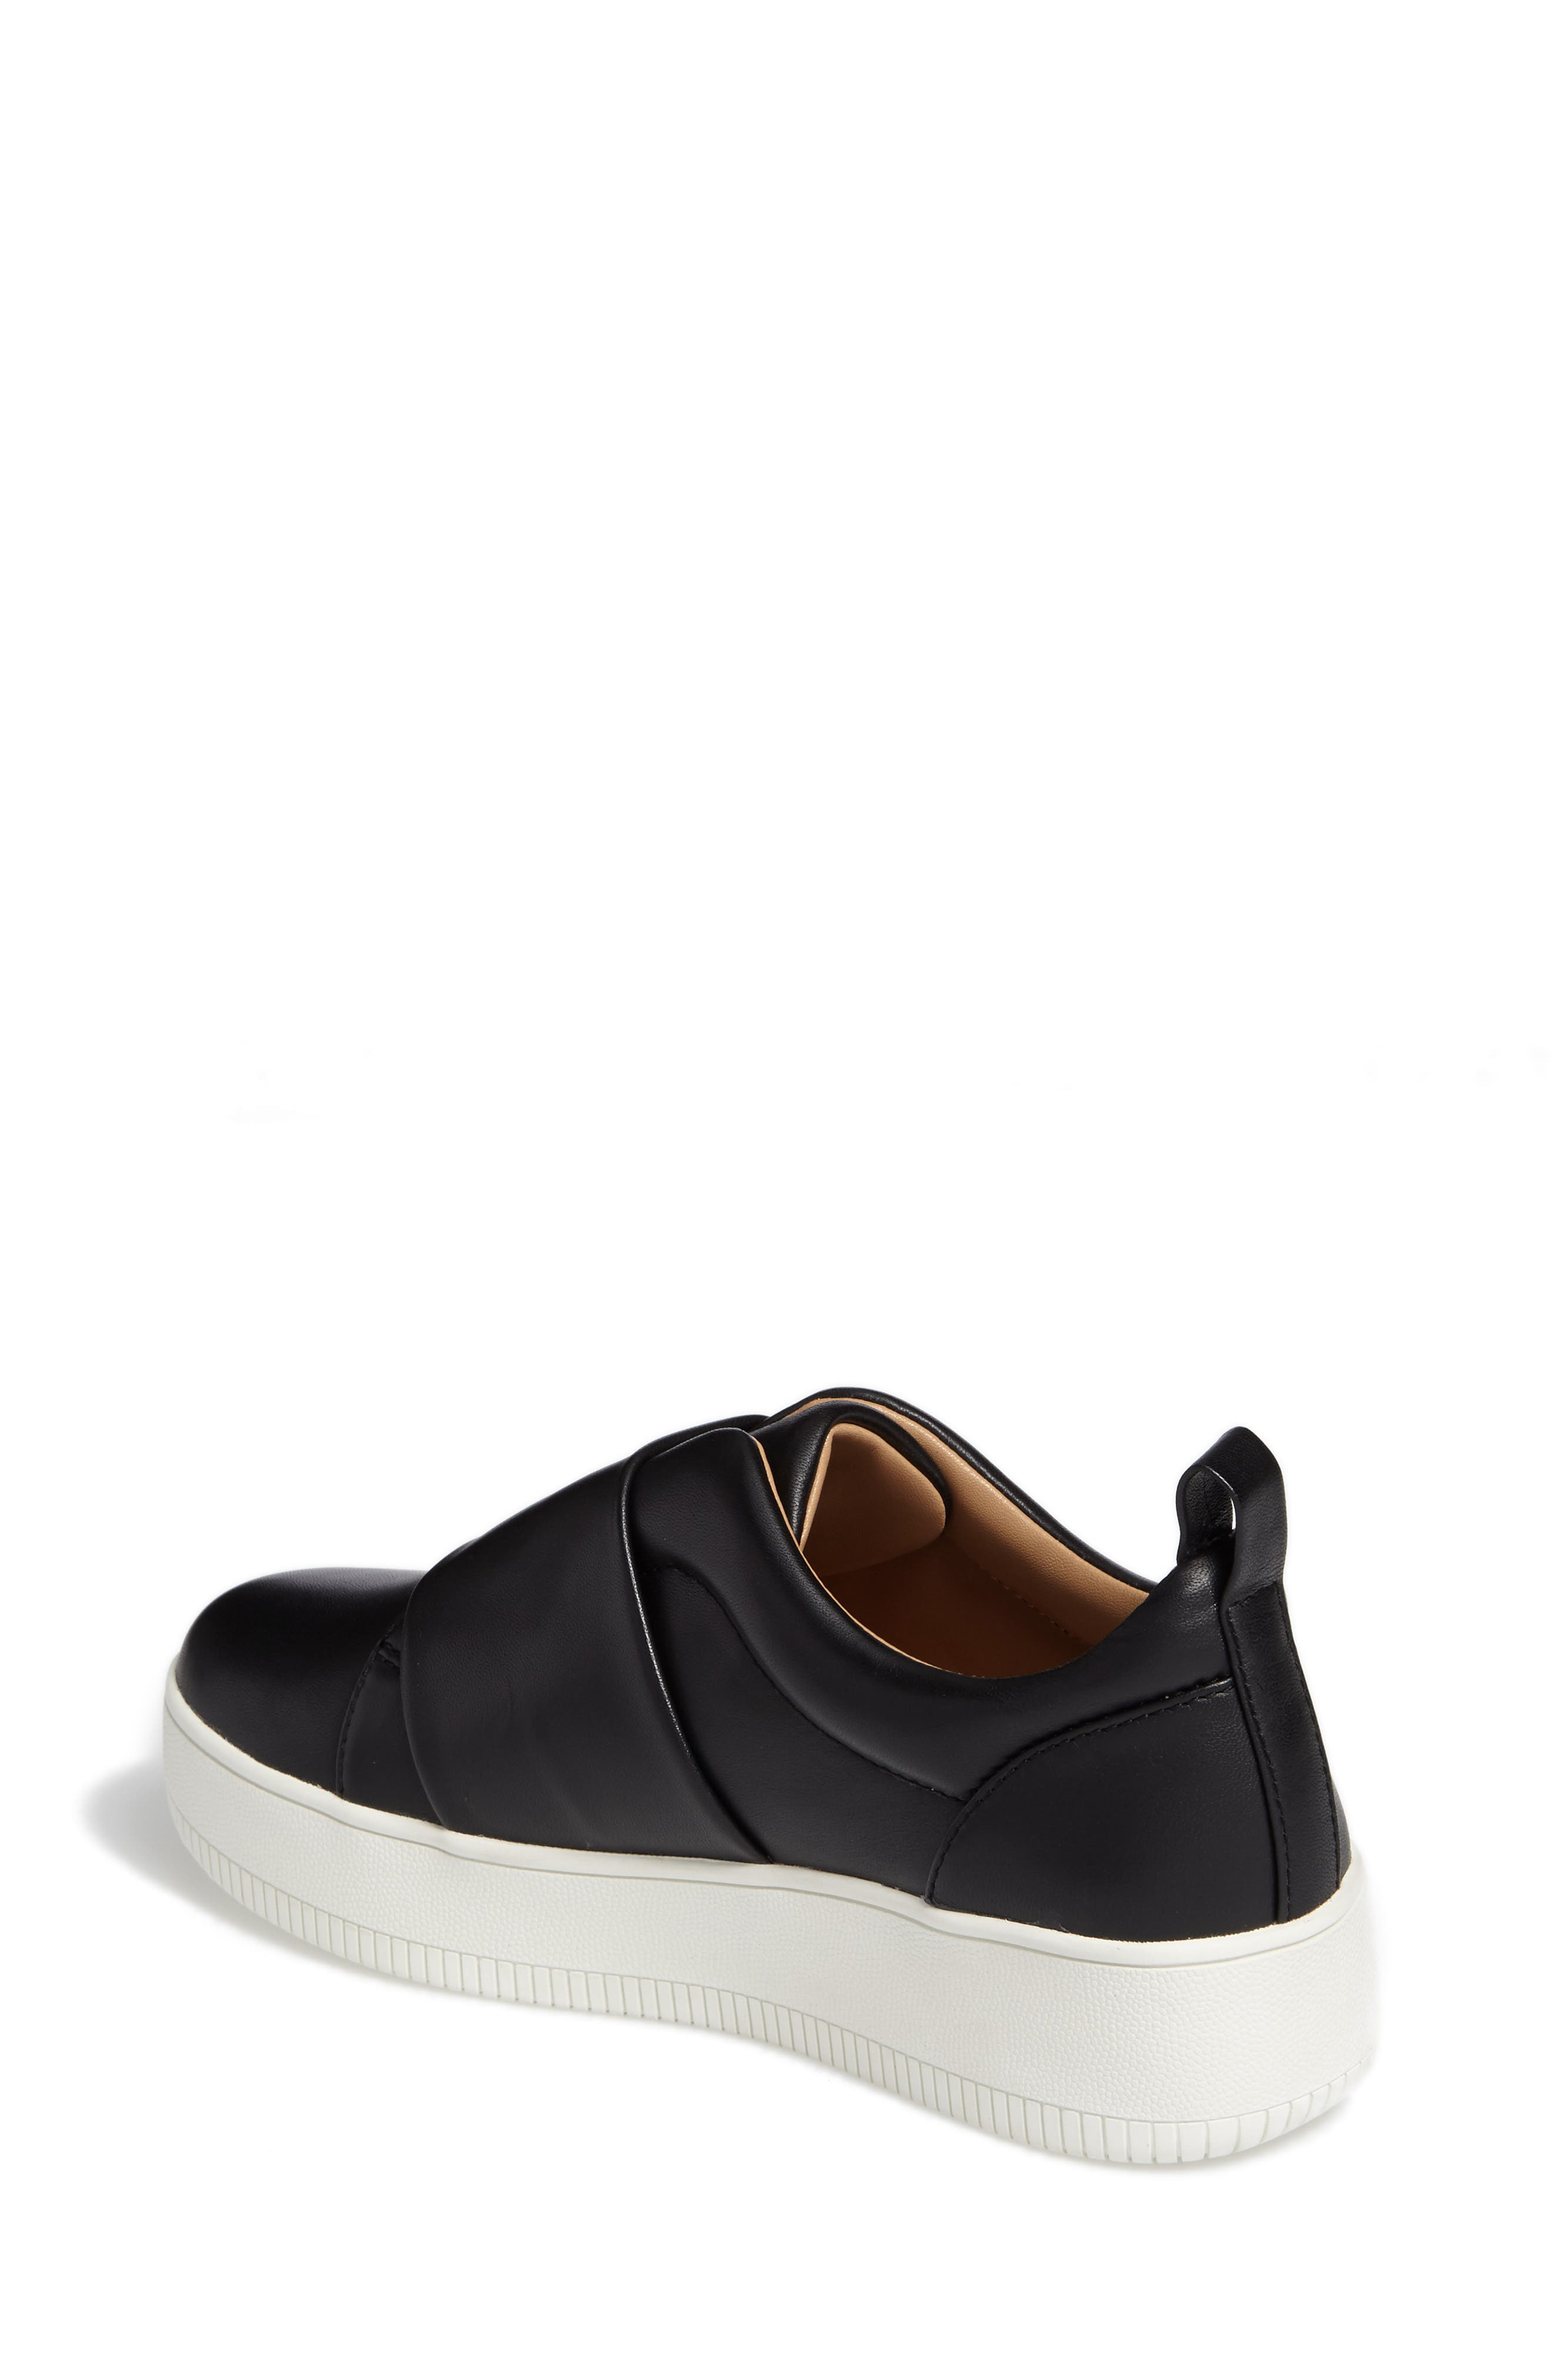 Suzie Platform Sneaker,                             Alternate thumbnail 2, color,                             001